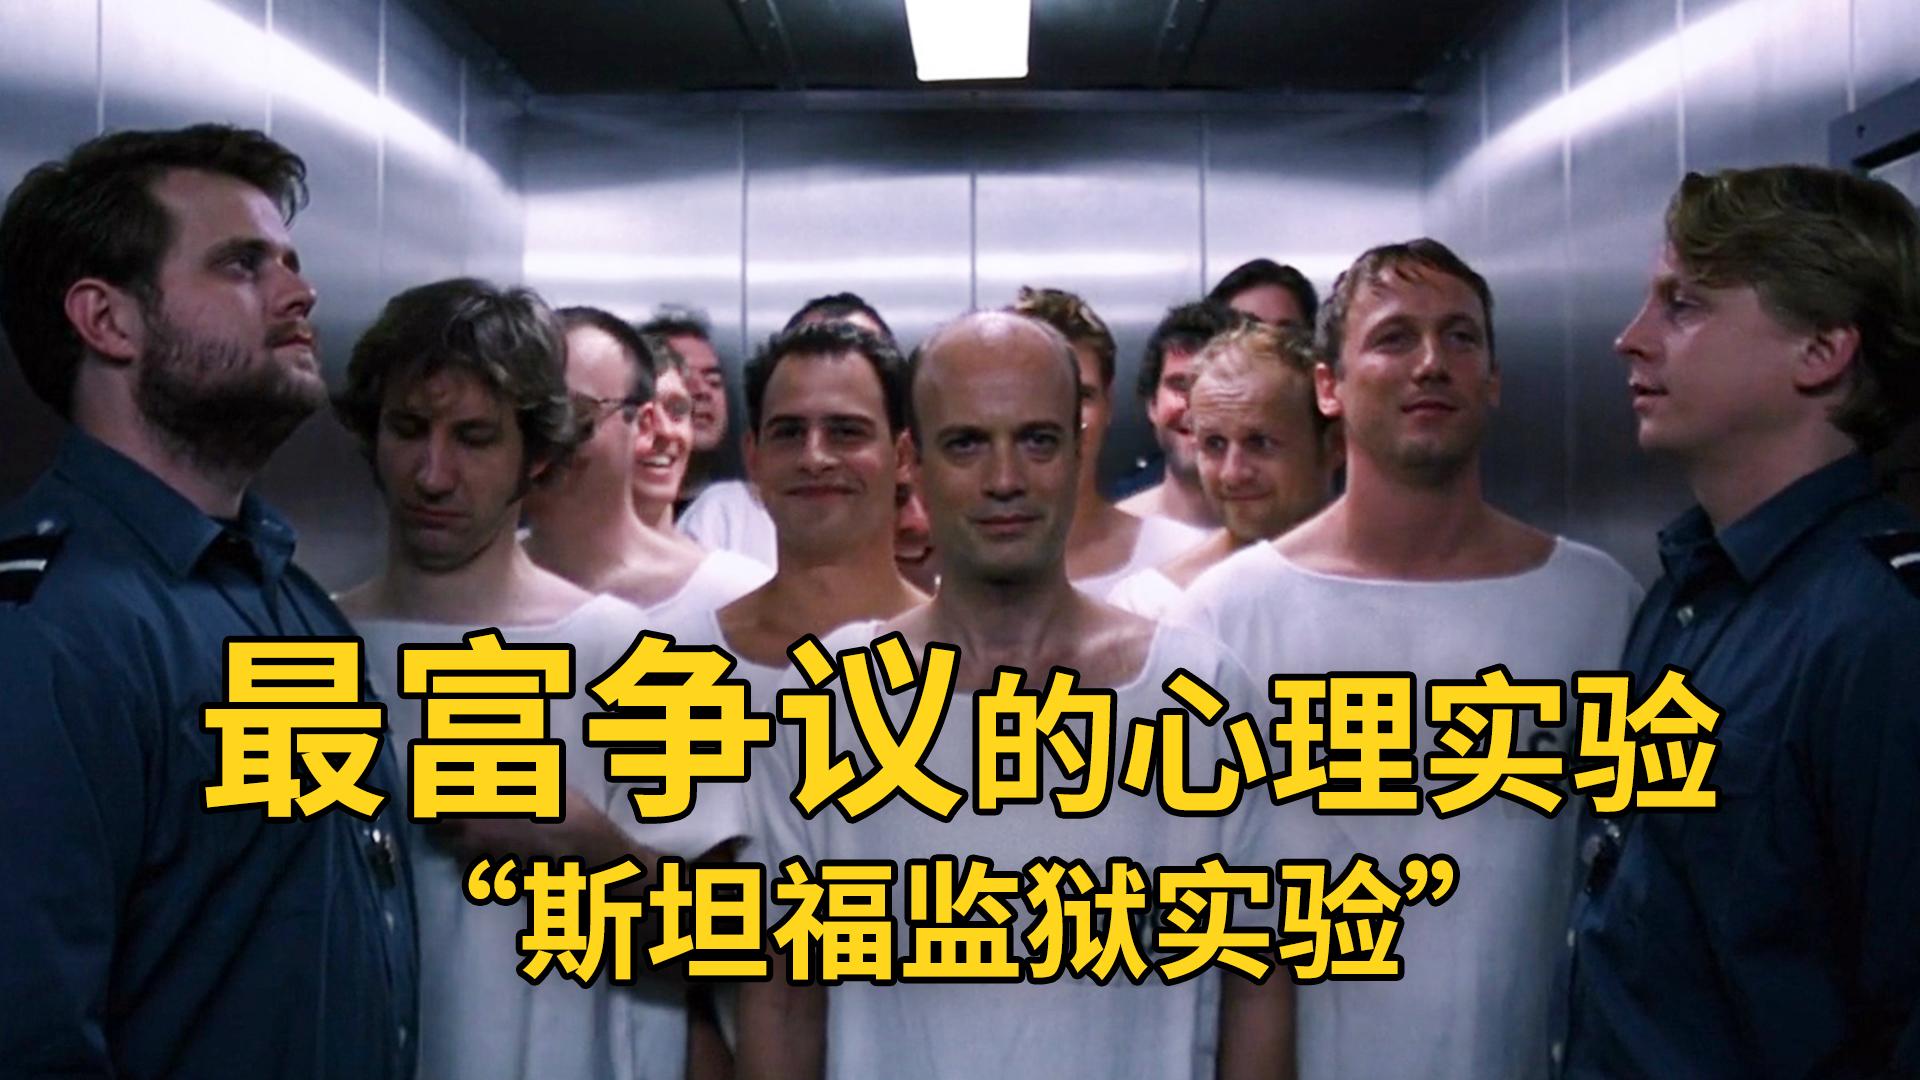 【阿斗】20世纪最著名,最受争议的心理学实验《死亡实验》好人变坏只需6天